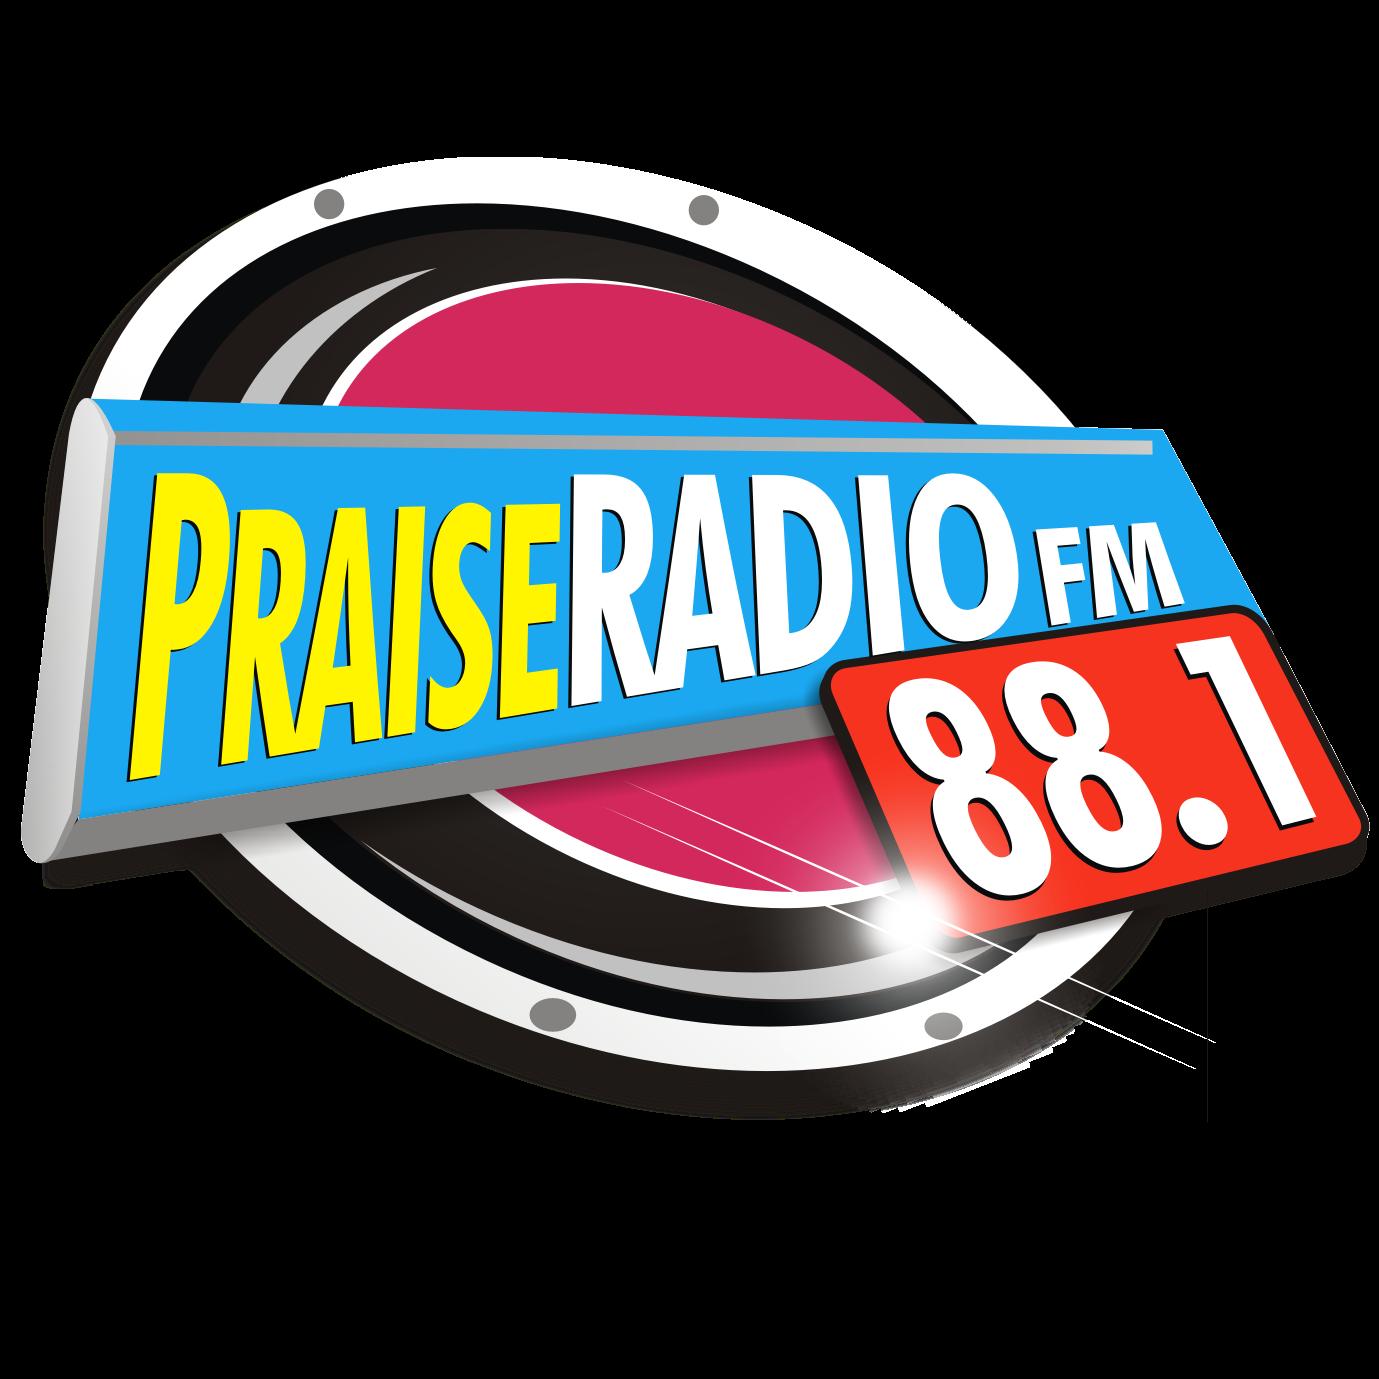 Praise Radio 88.1 FM